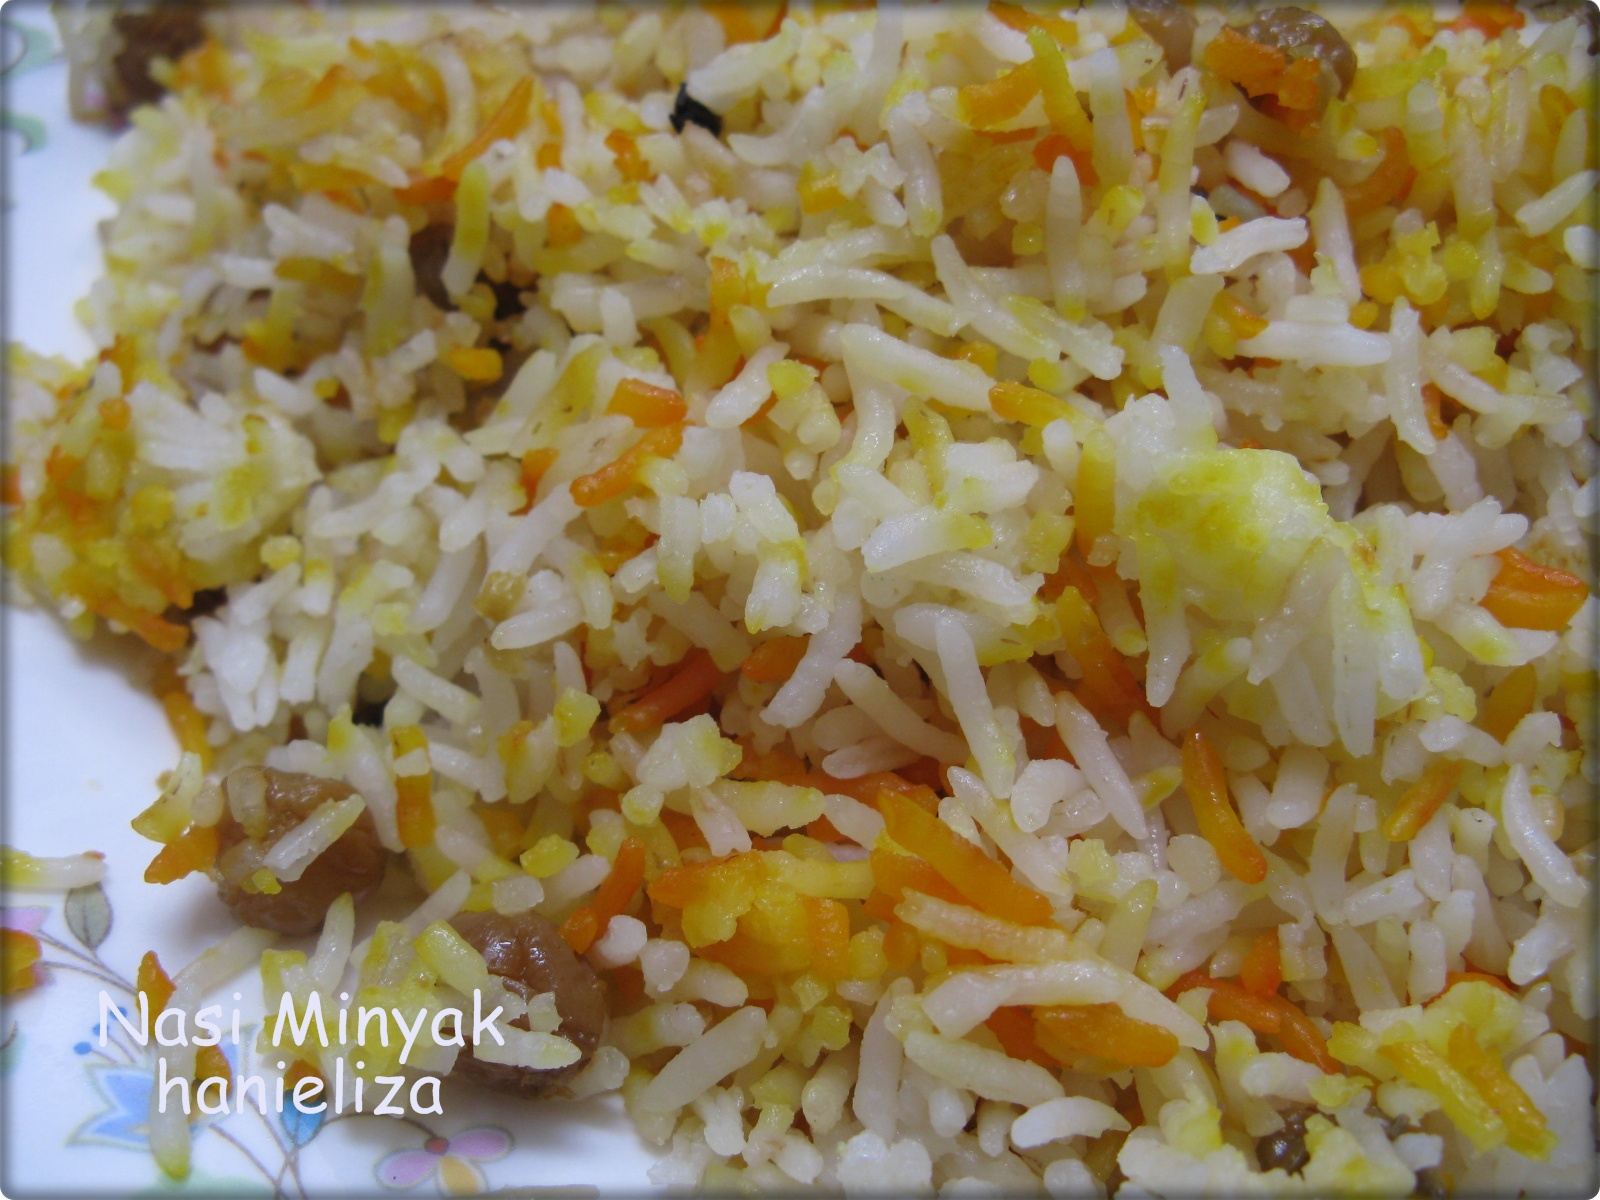 Hanieliza's Cooking: Nasi Minyak